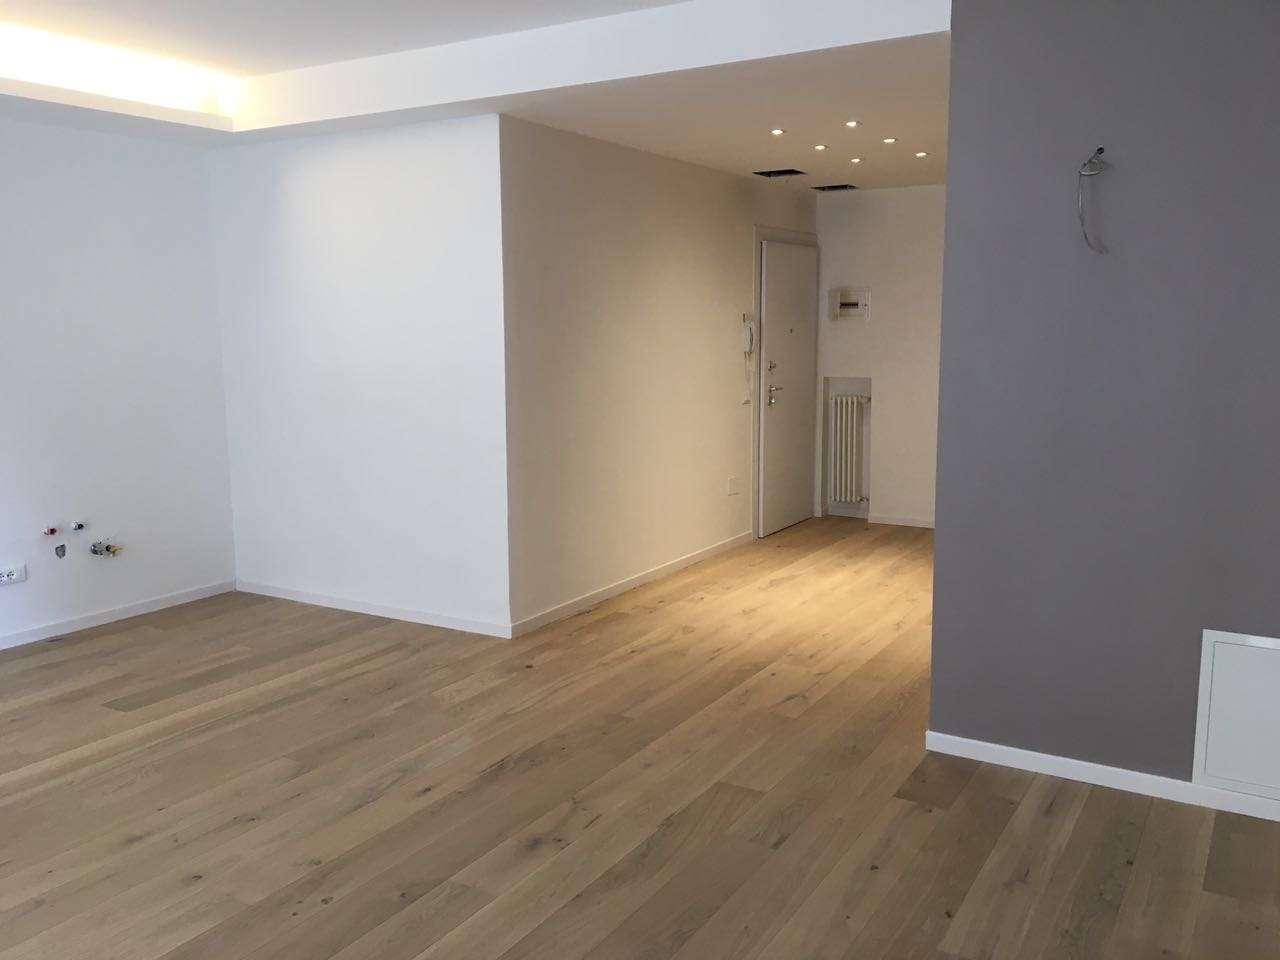 Appartamento in vendita a Padova, 4 locali, zona Nord (Arcella, S.Carlo, Pontevigodarzere), prezzo € 220.000 | PortaleAgenzieImmobiliari.it